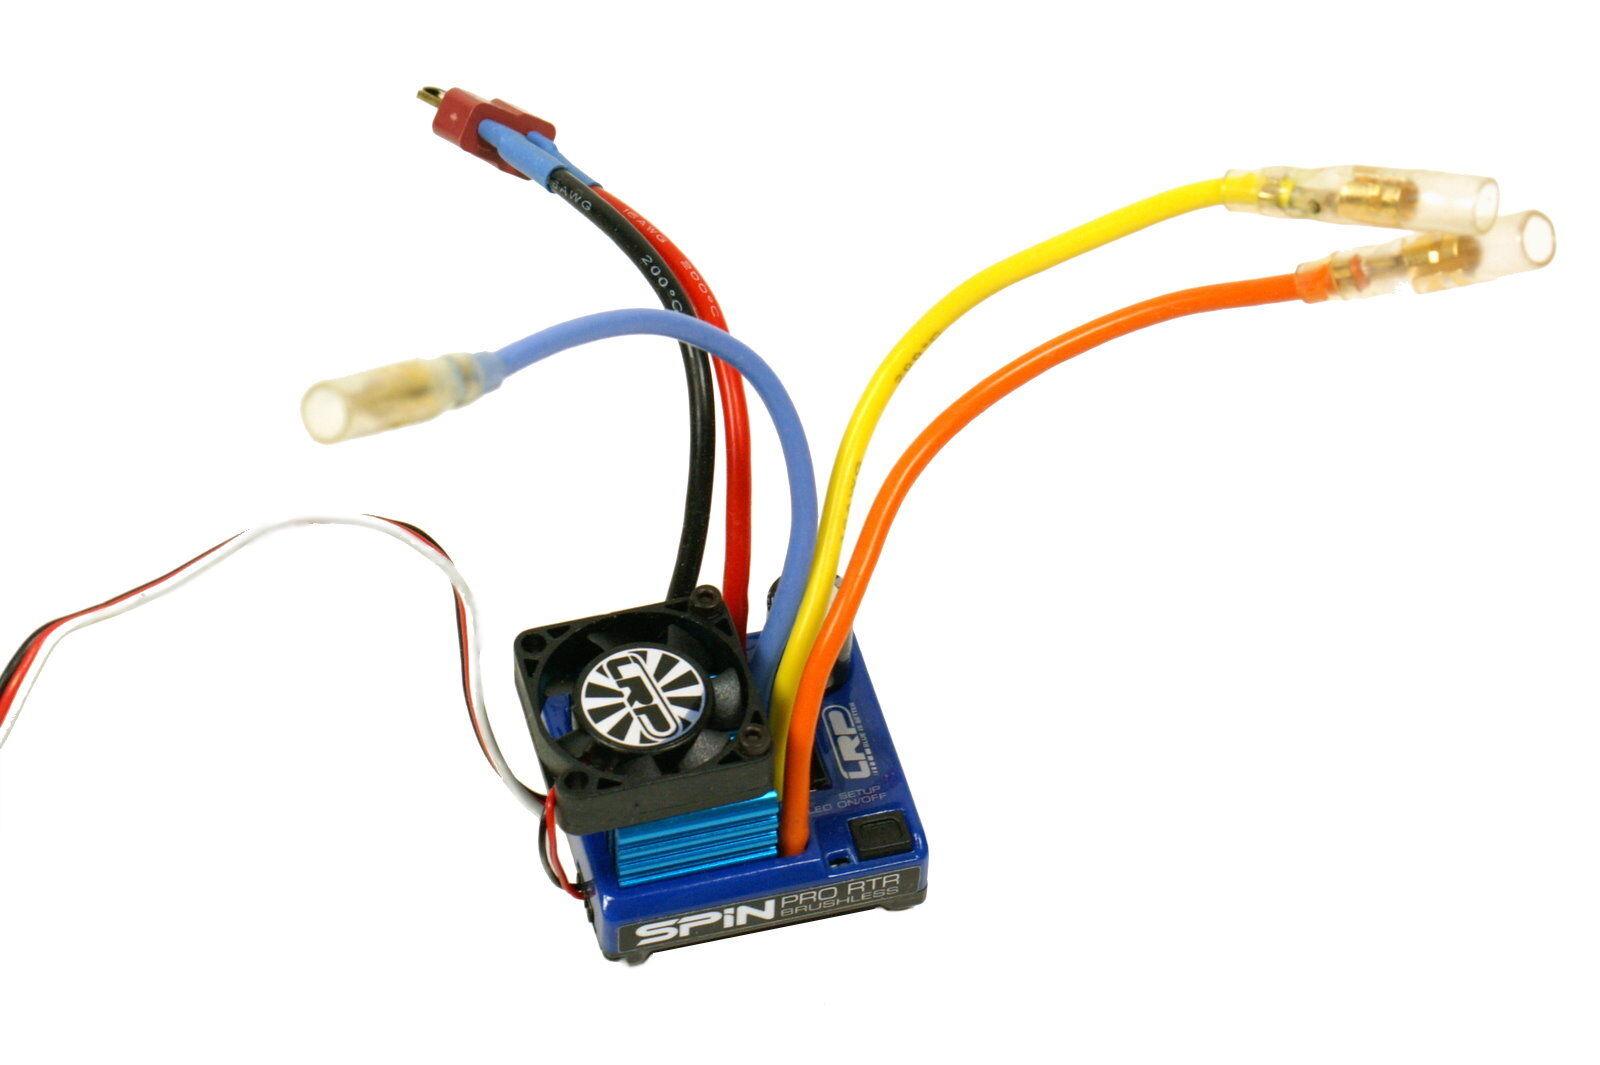 LRP spin pro brushless regulador ESC 80250 2-4s lipo ESC viaje regulador regulador de conducción nuevo